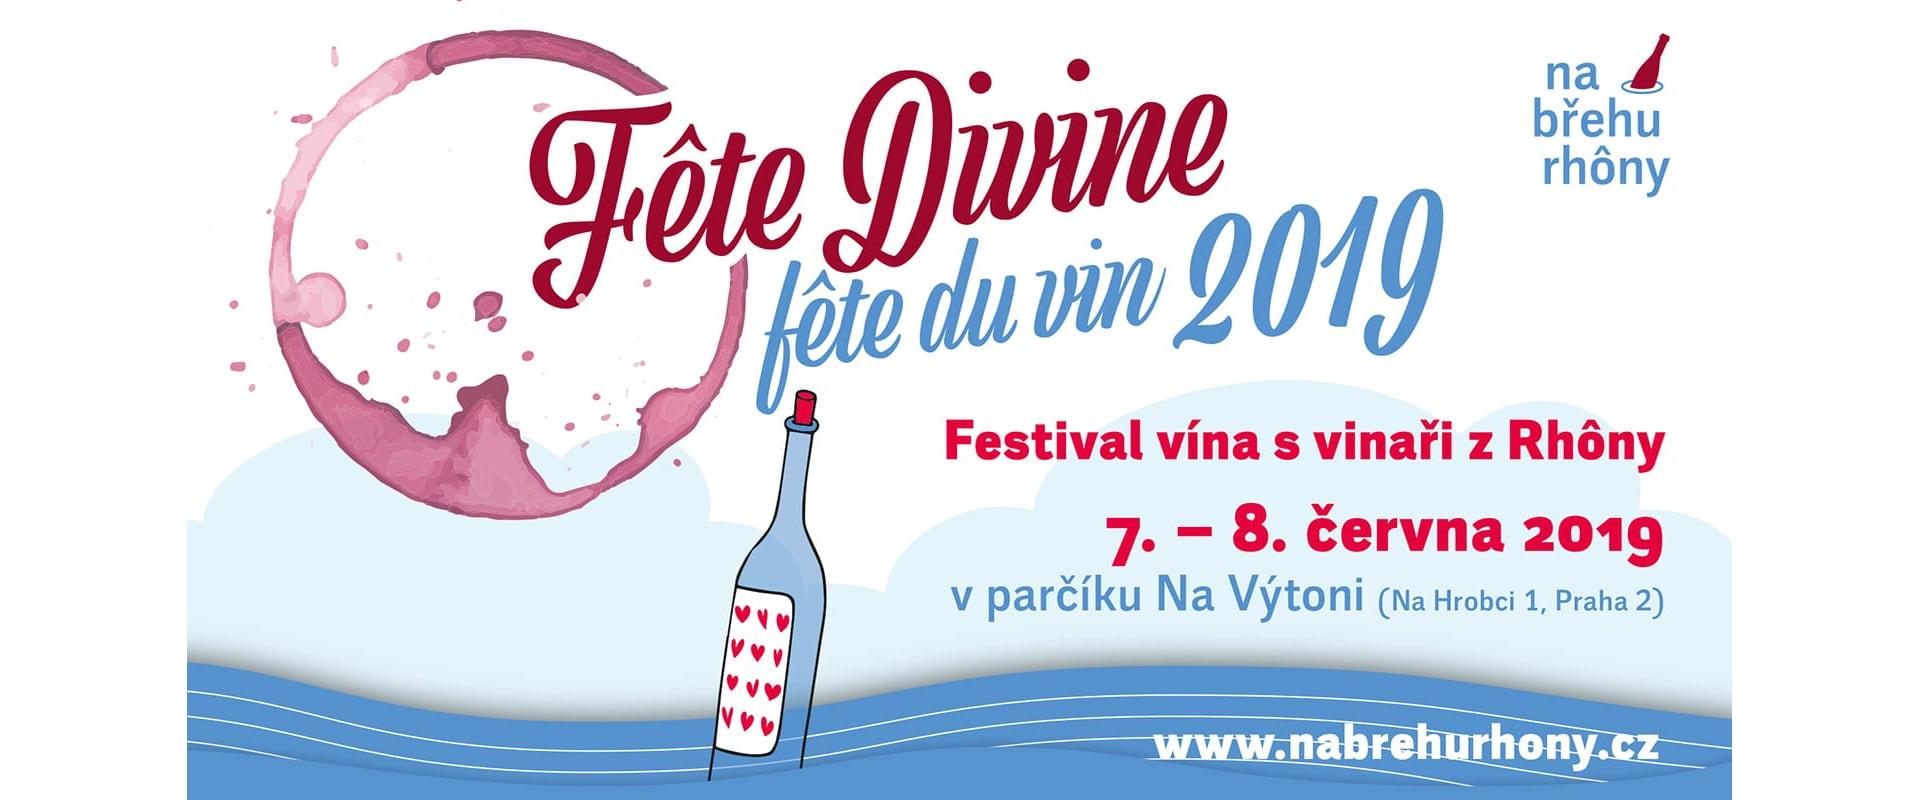 festival vína s vinaři z Rhôny 2019